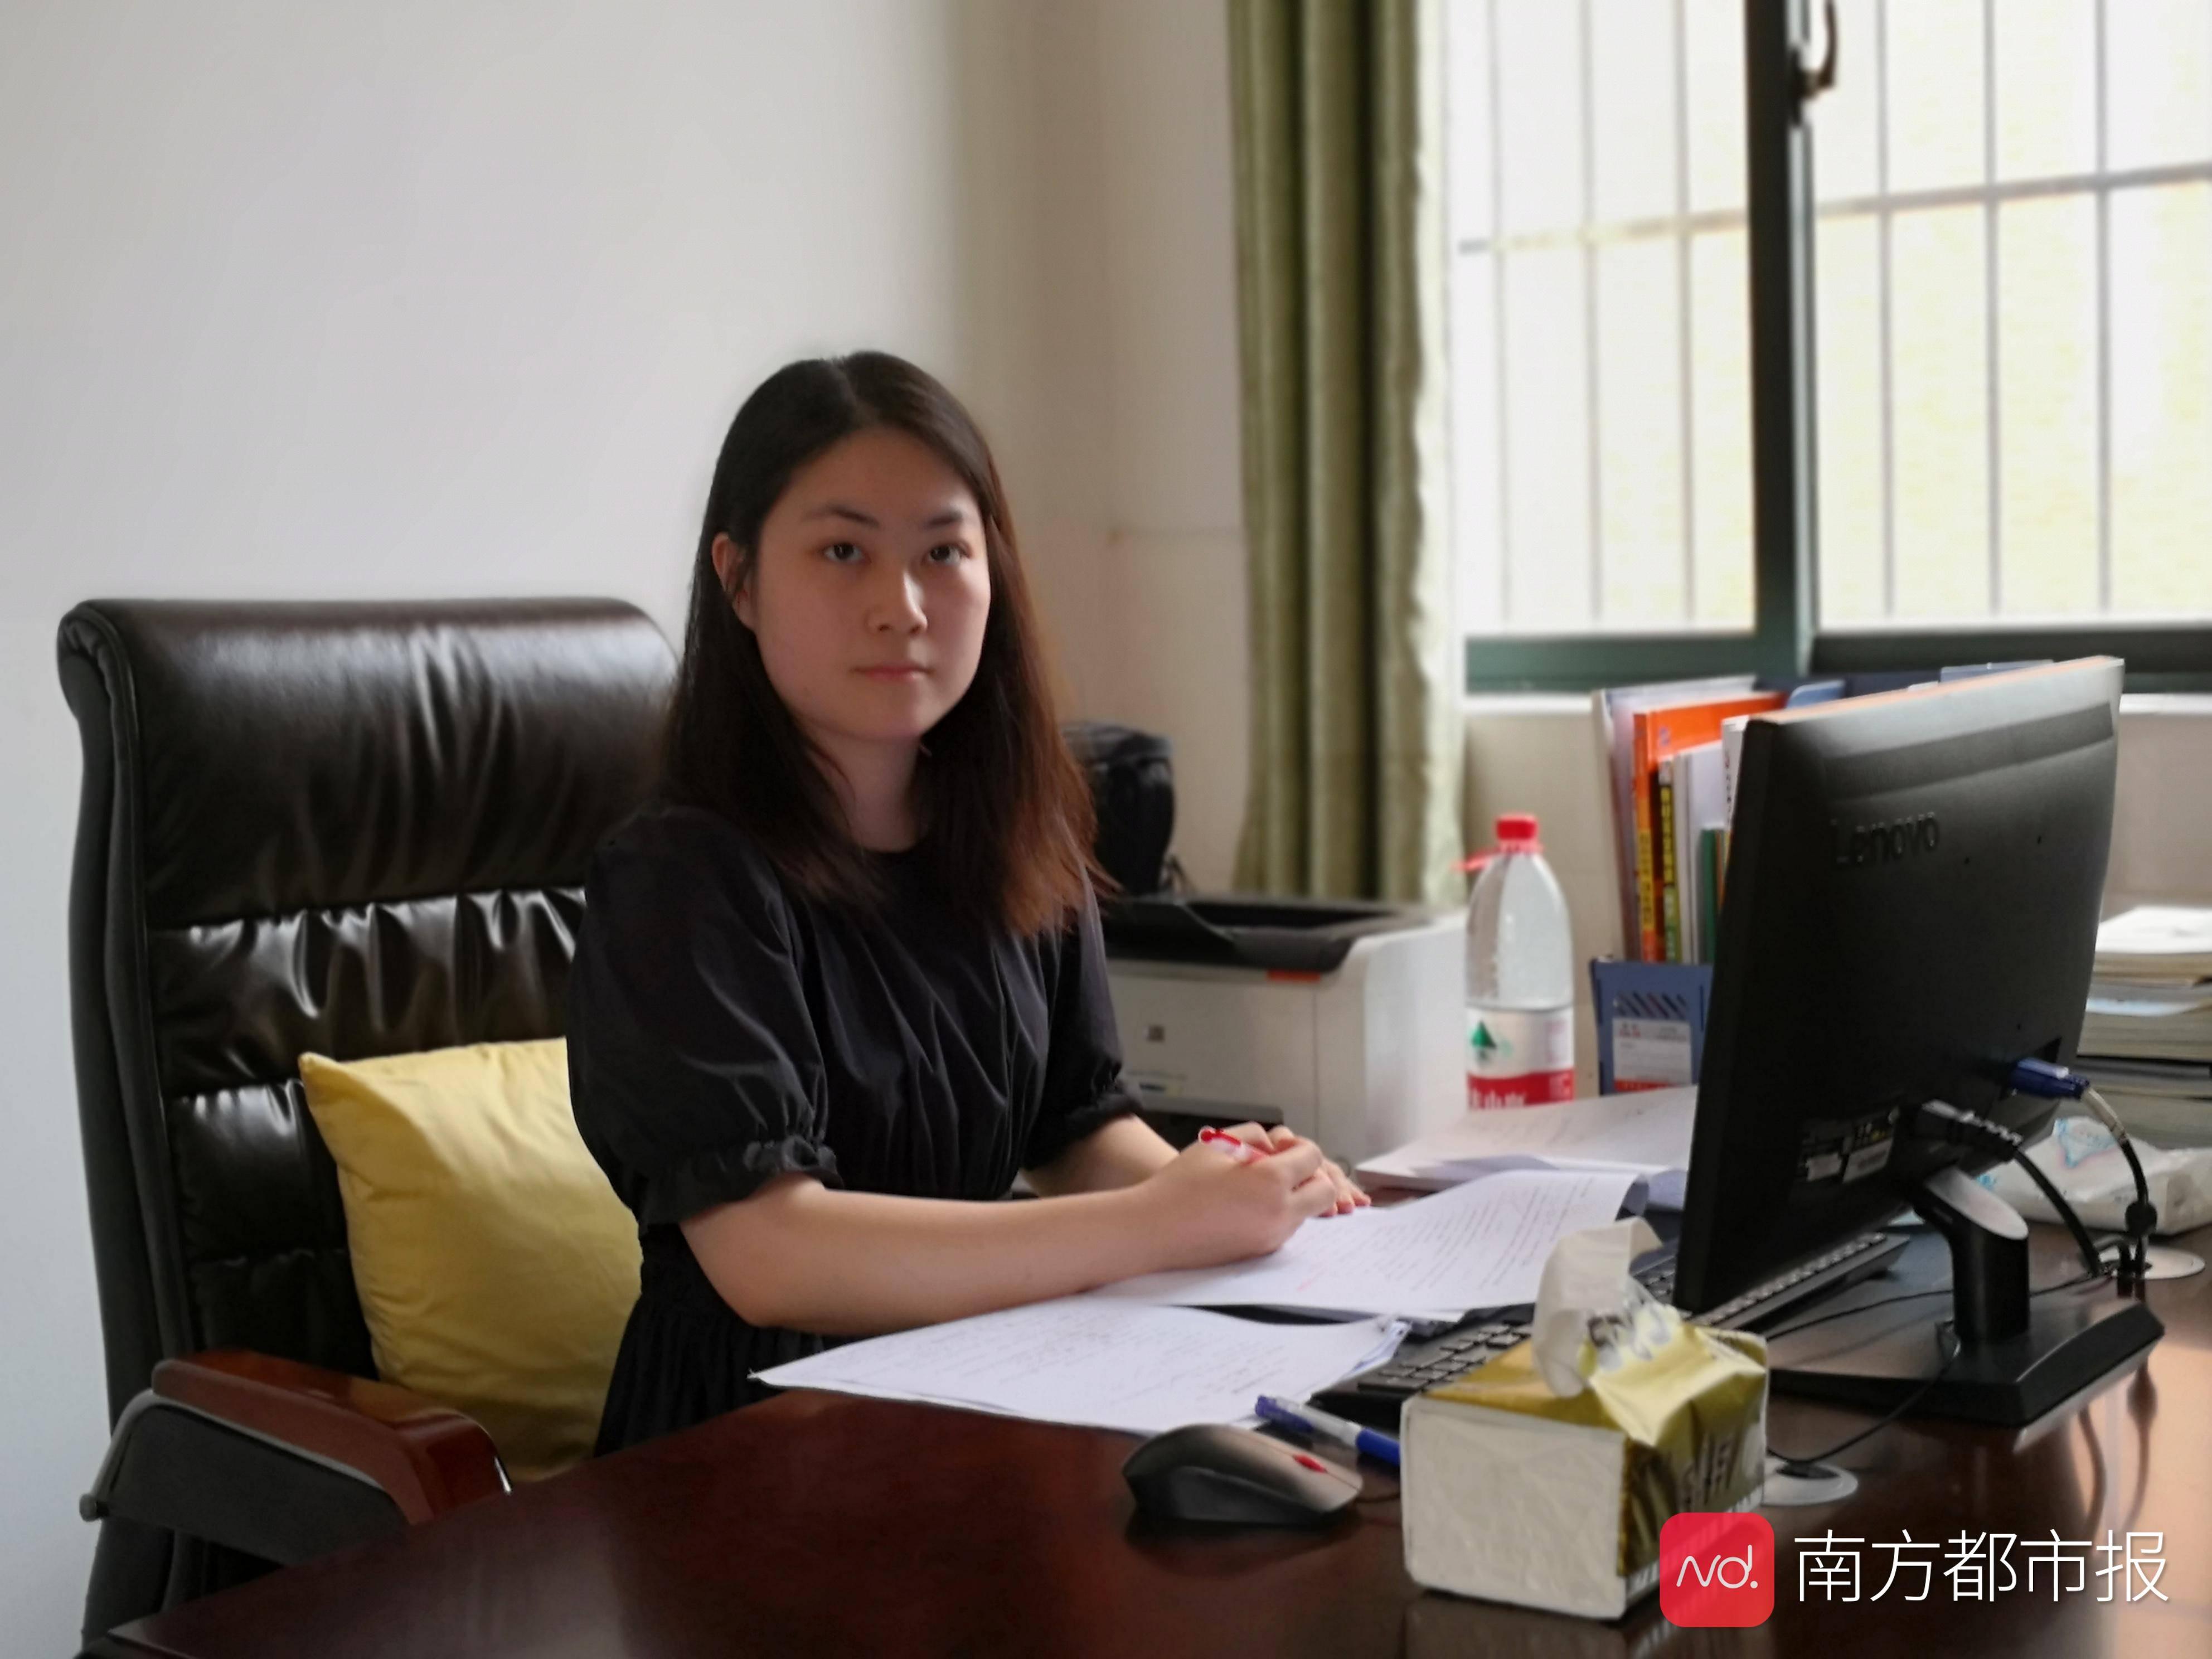 北大毕业放弃高薪入职一民办学校,珠海95后教师引热议